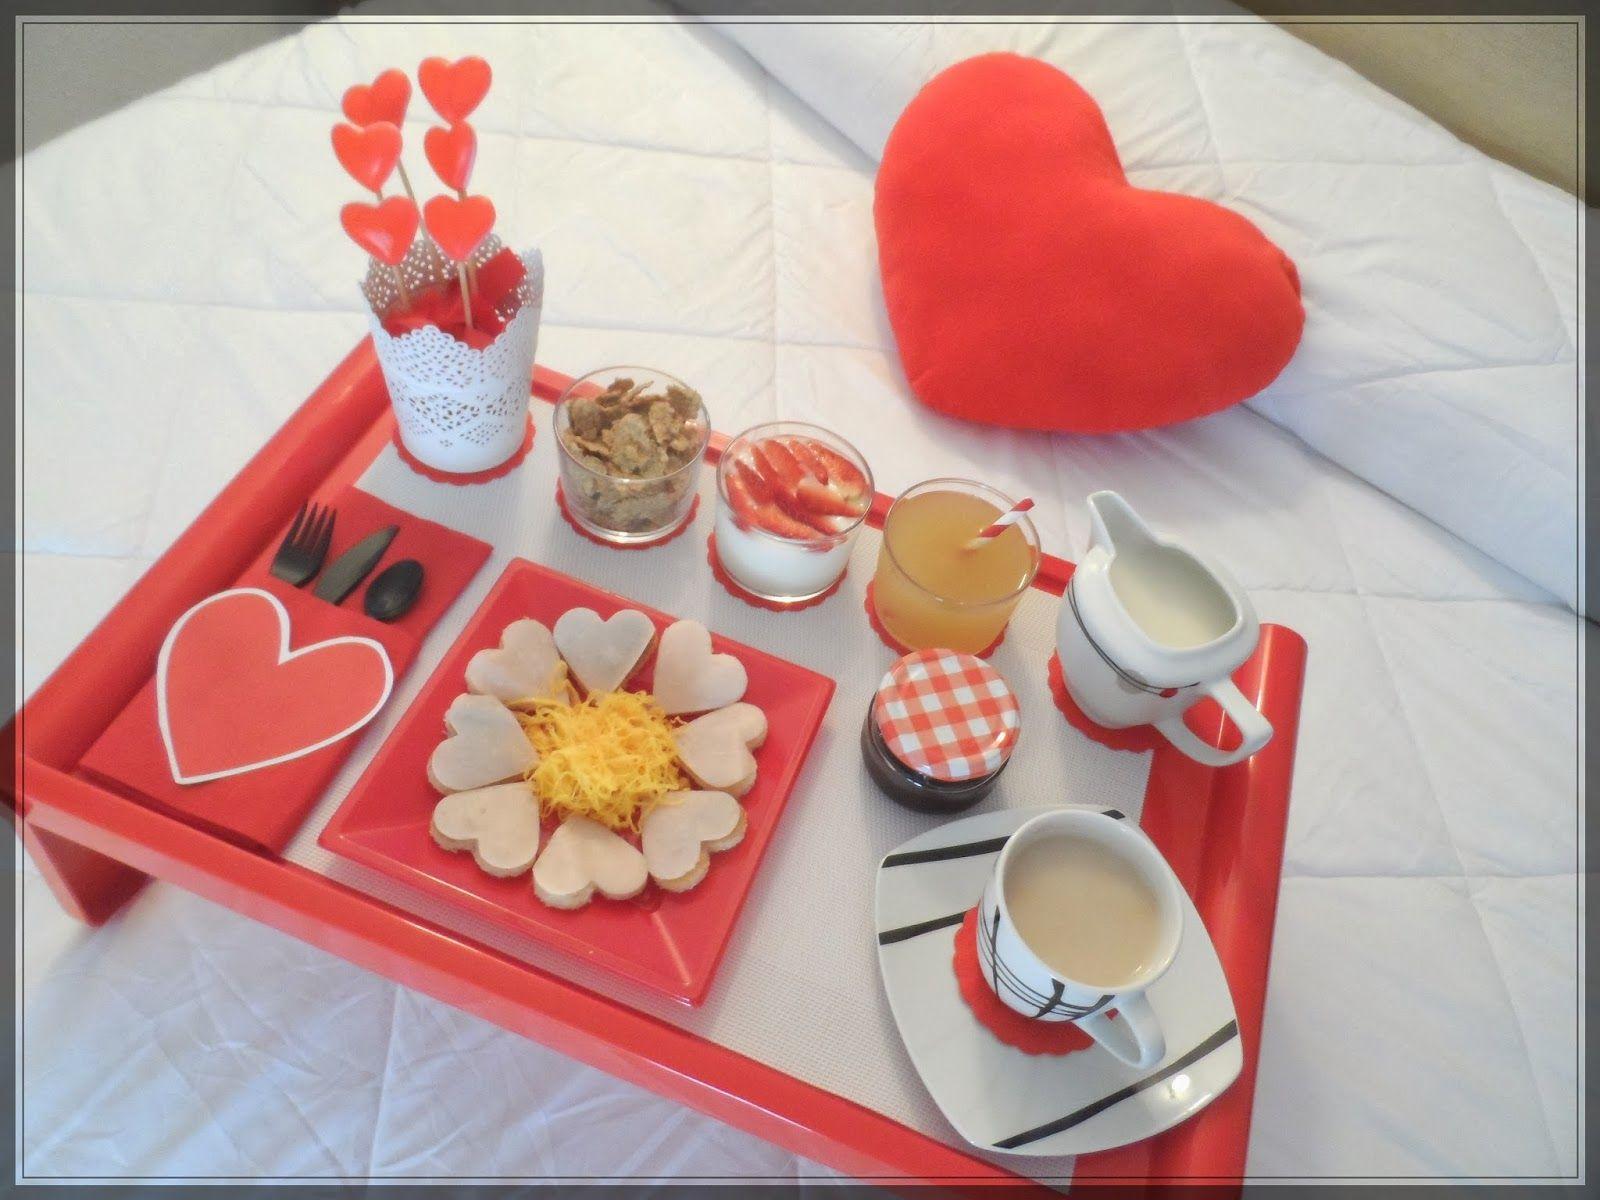 Fotos de desayunos romanticos buscar con google for Sorpresas para aniversario